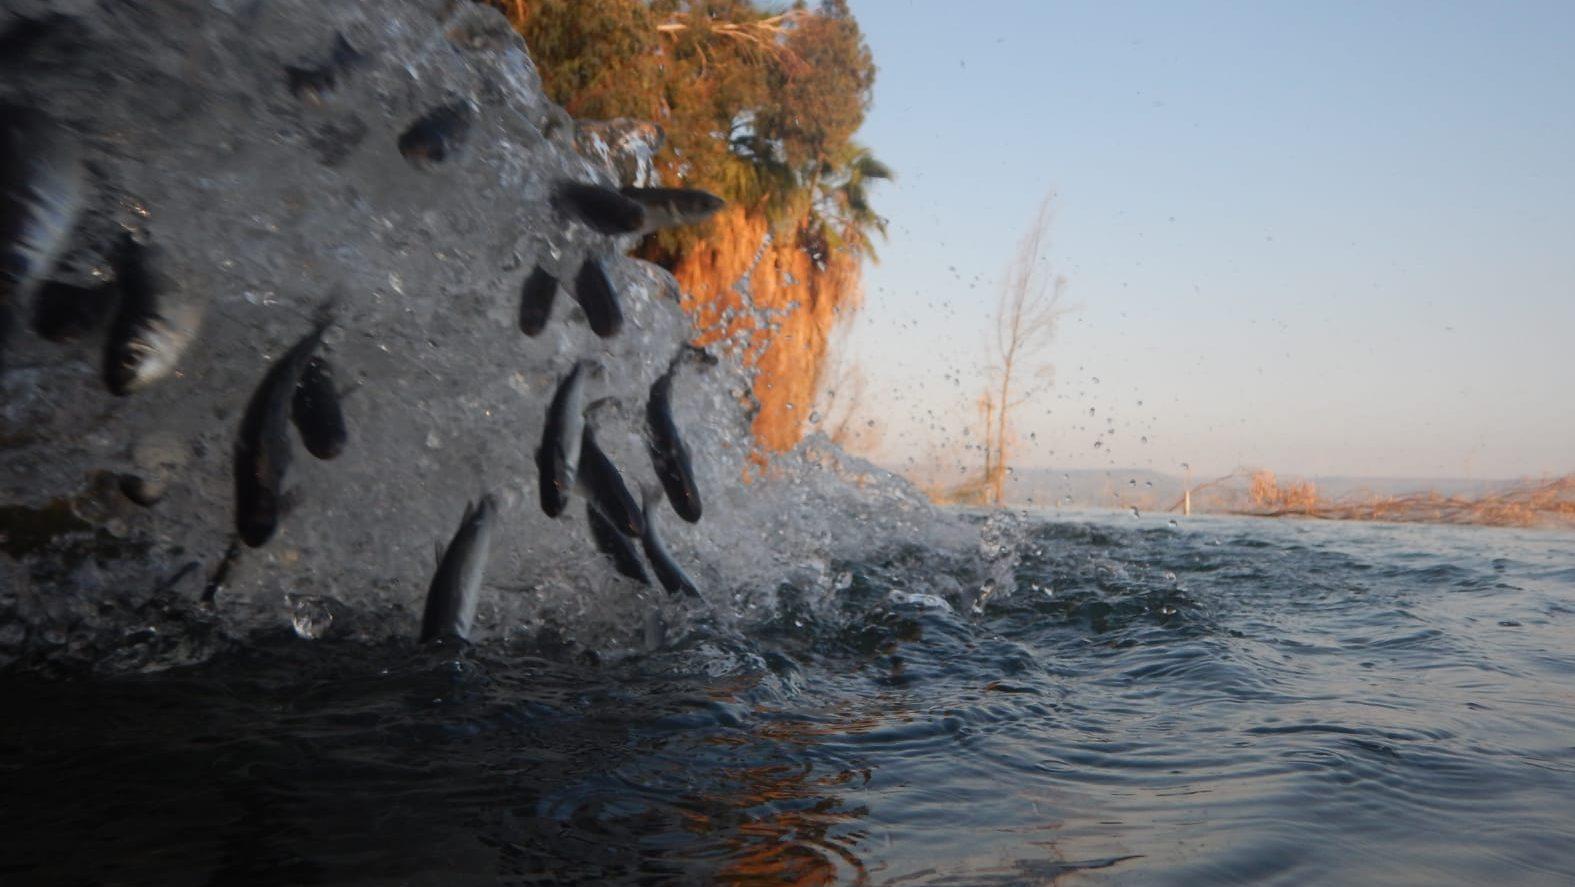 לשיפור איכות המים: משרד החקלאות אכלס כ-50,000 דגיגי בורי בכנרת